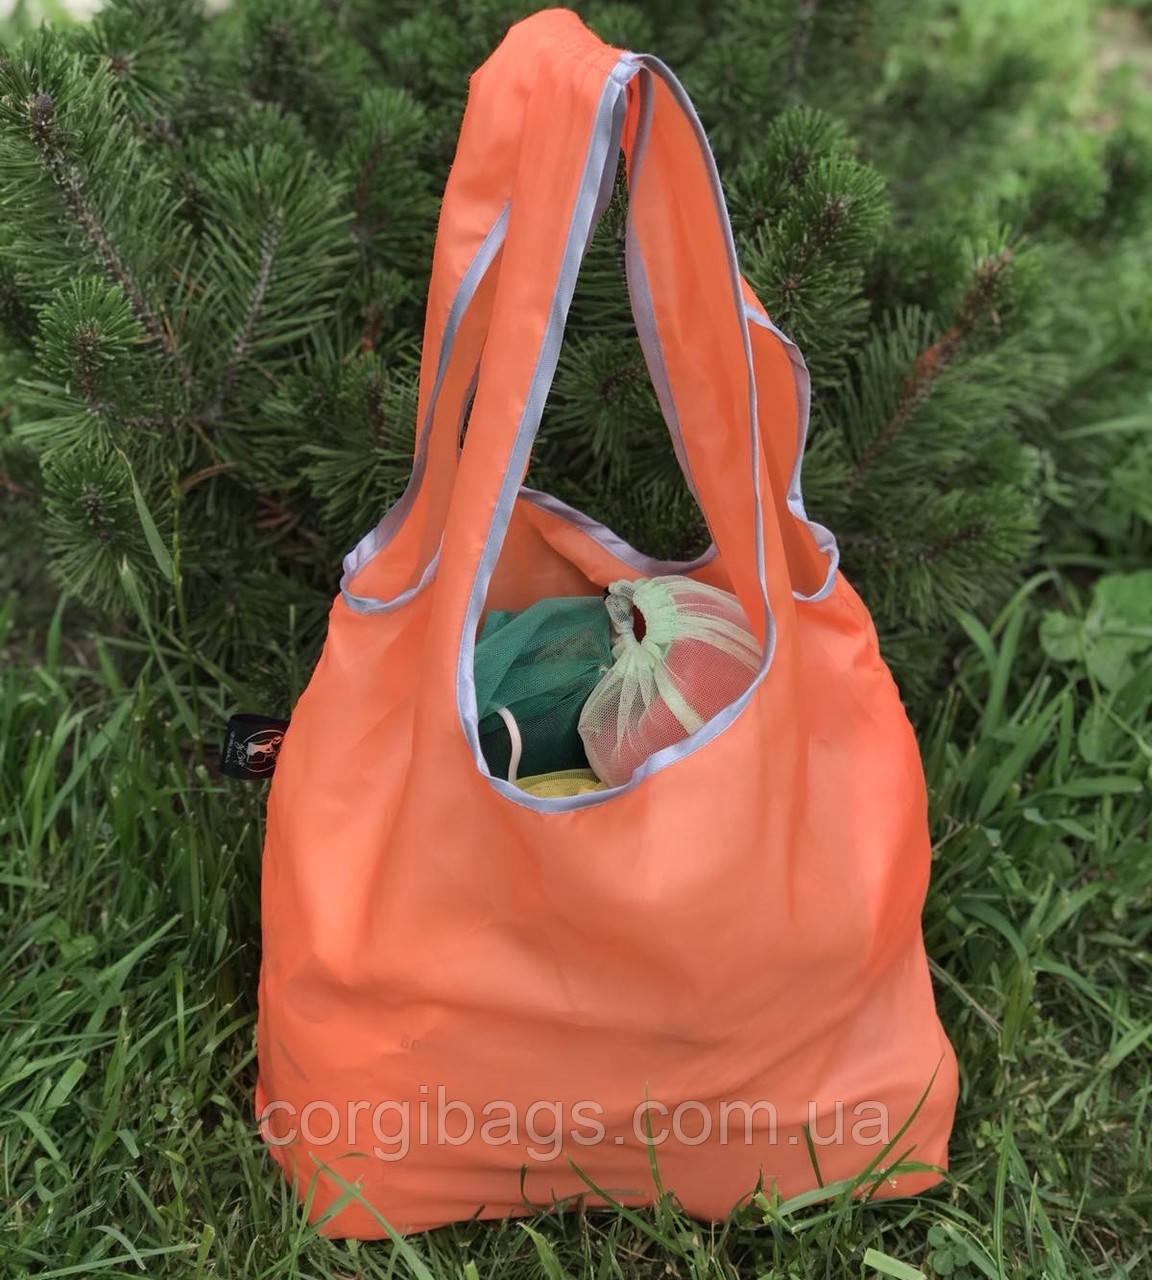 Эко сумка, Торба-Шопер Comfort, Сумка для покупок